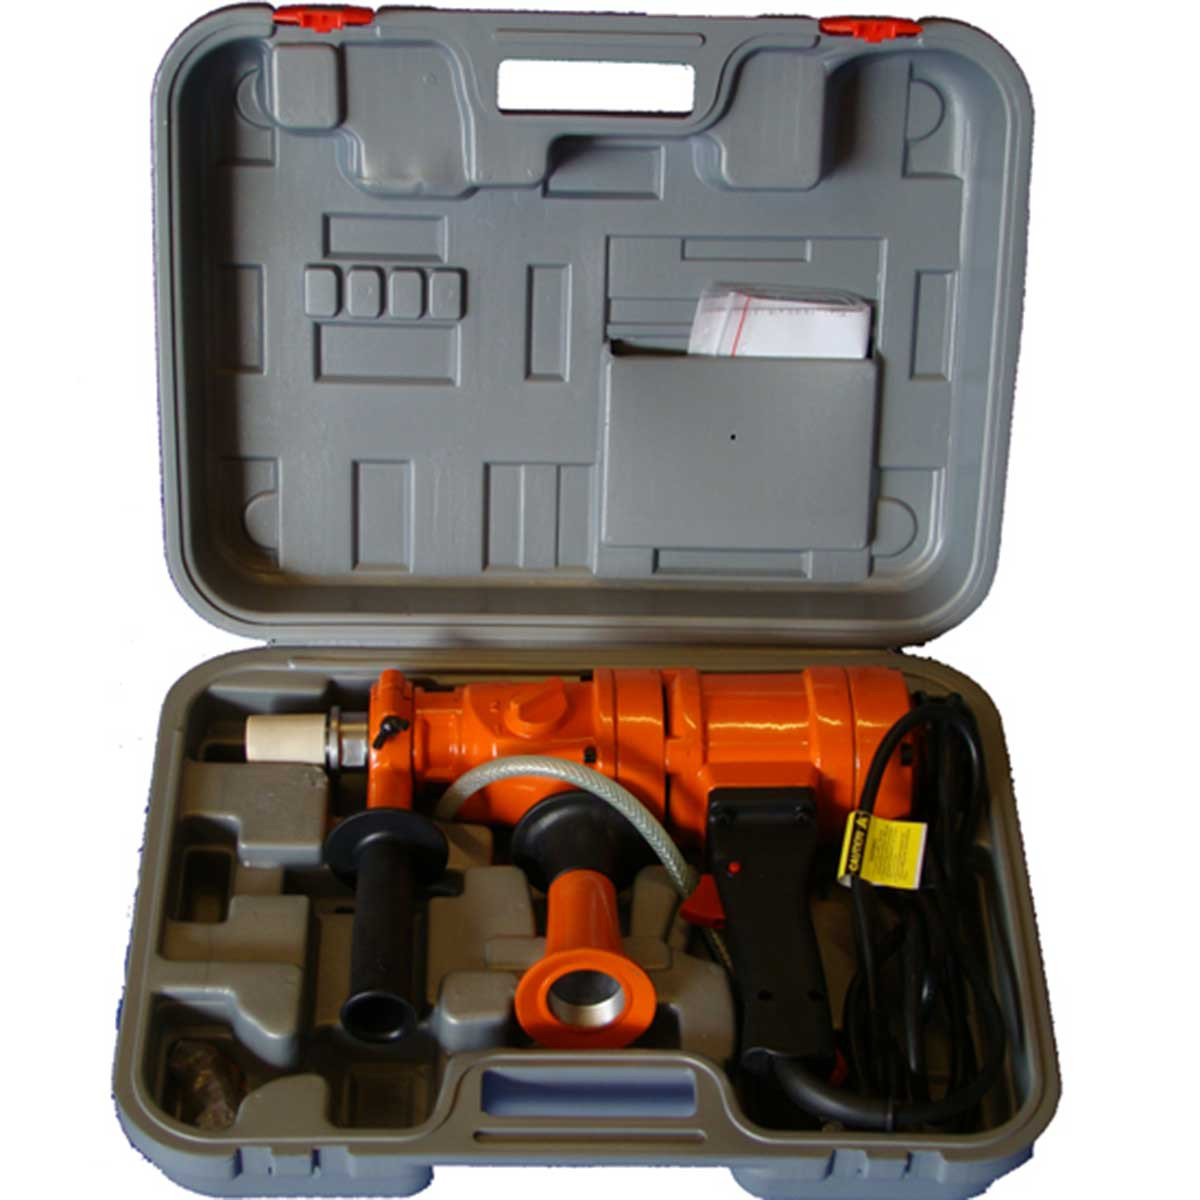 K802 Kor-It 3 Speed Core Drill case